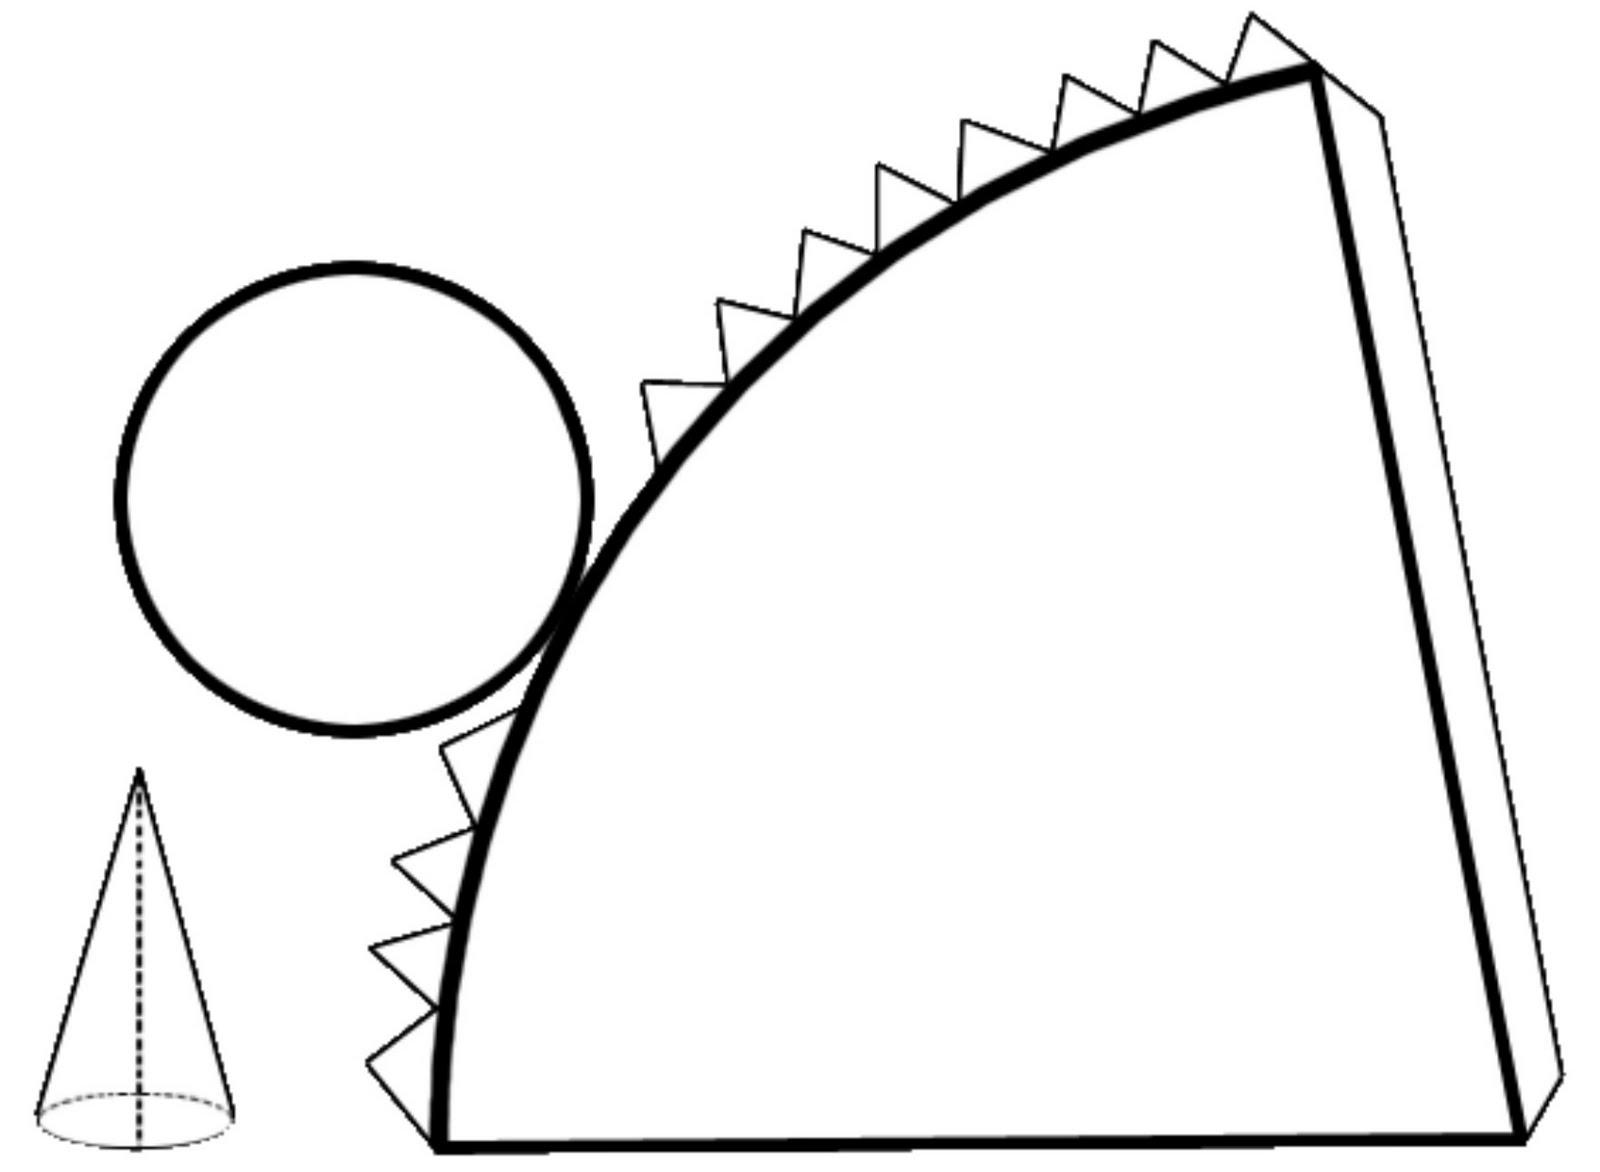 Dibujo Técnico Básico: Los Cuerpos Geométricos